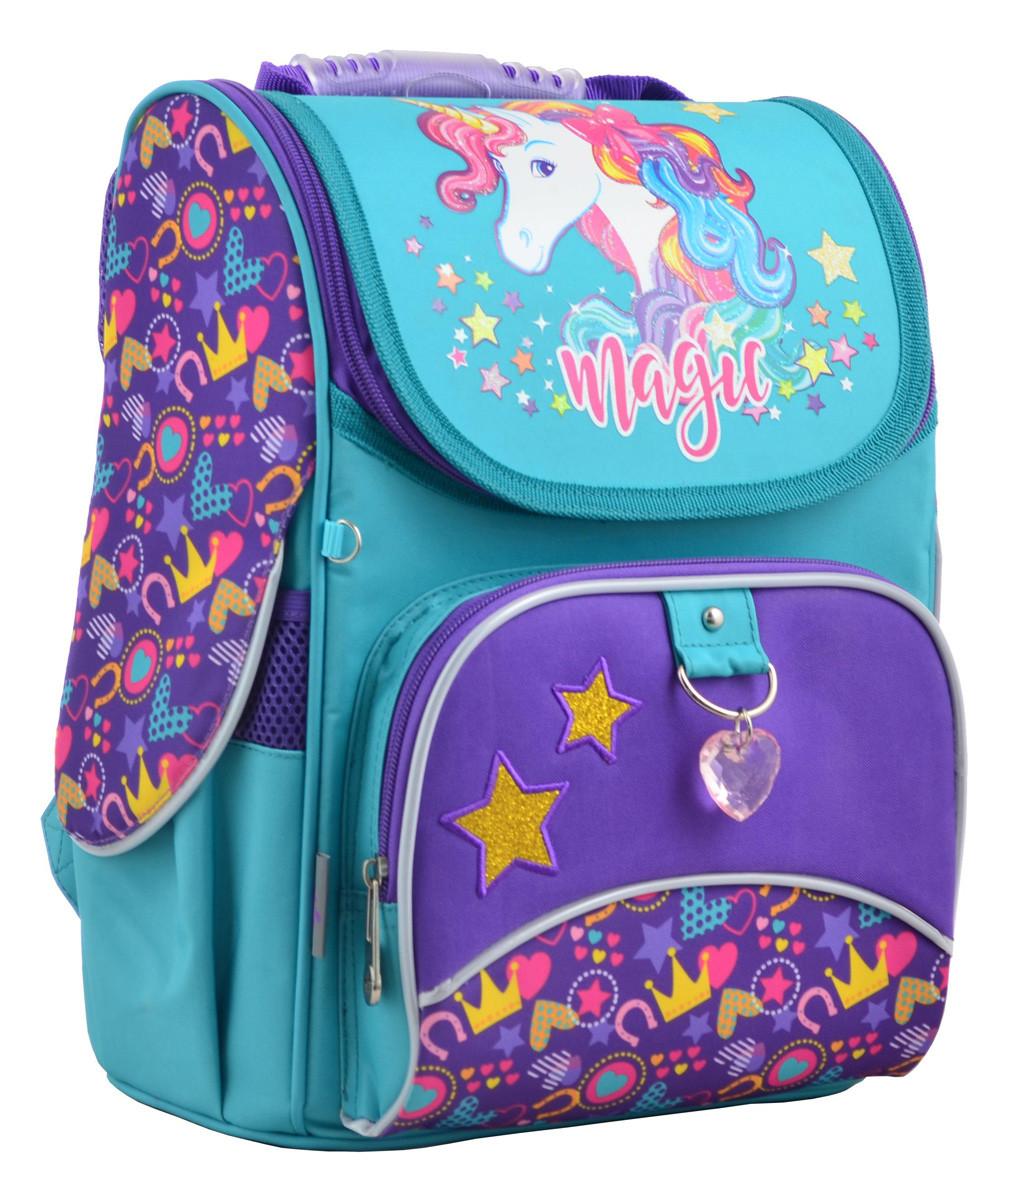 Рюкзак школьный каркасный 1 Вересня H-11 Unicorn, 33.5*26*13.5 555198